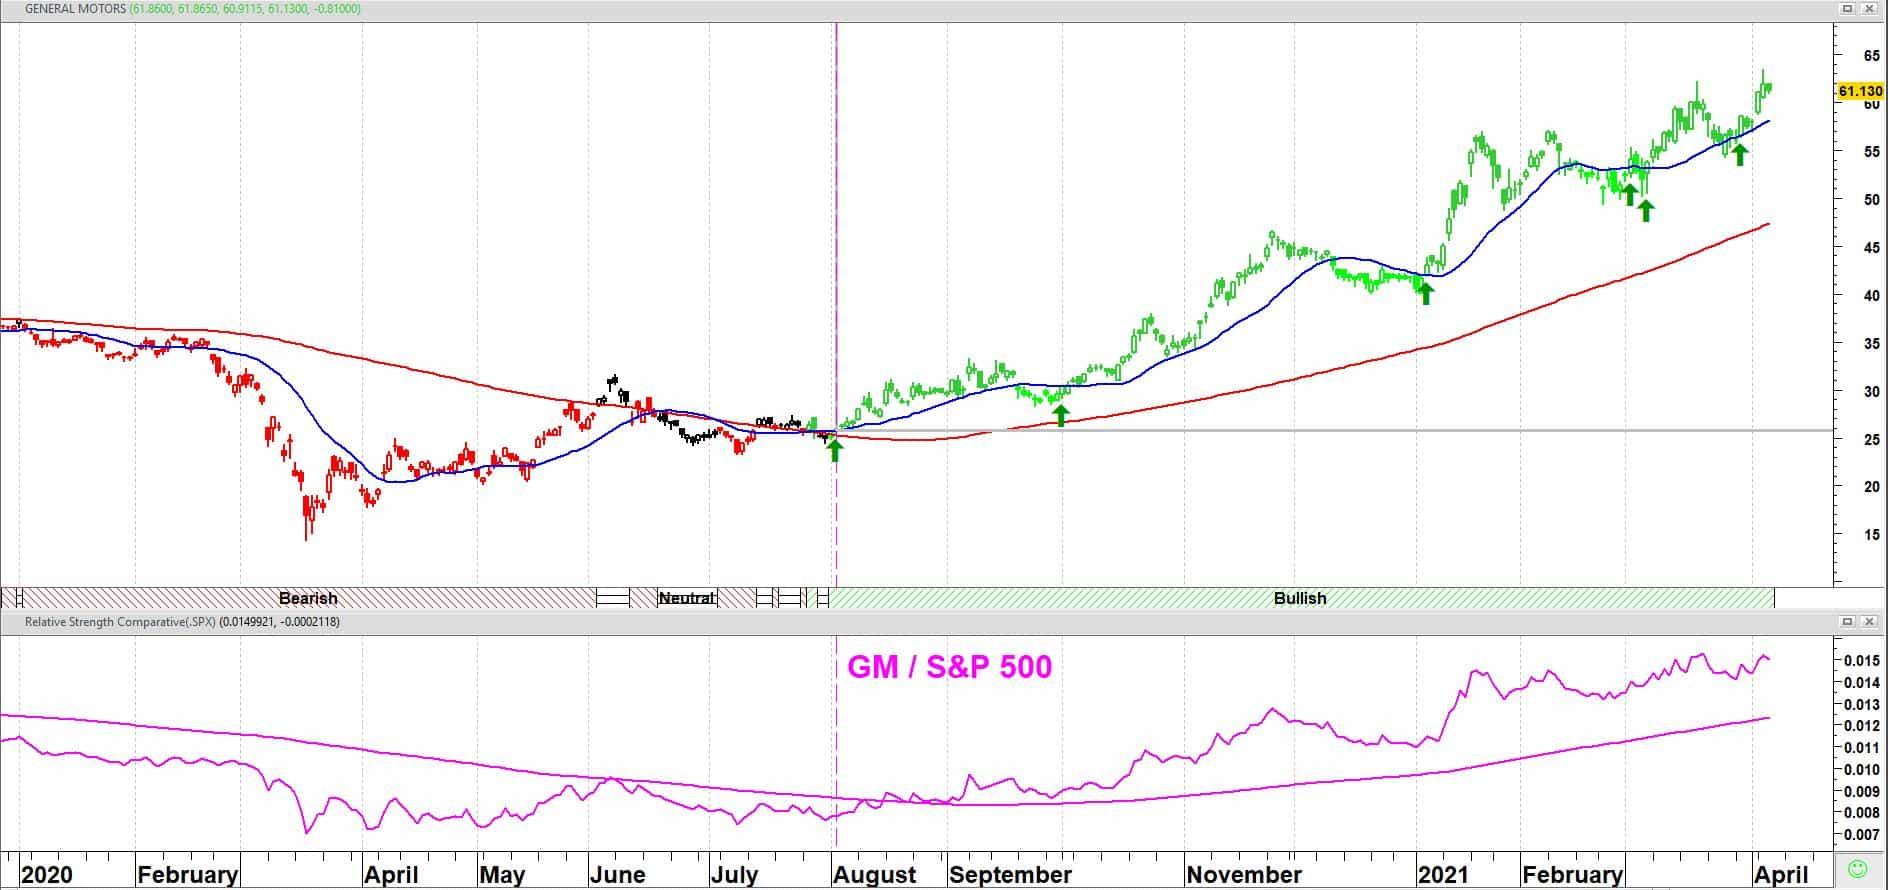 General Motors koers + 20/120-daags gemiddelden + relatieve sterkte (RS) versus S&P 500 index